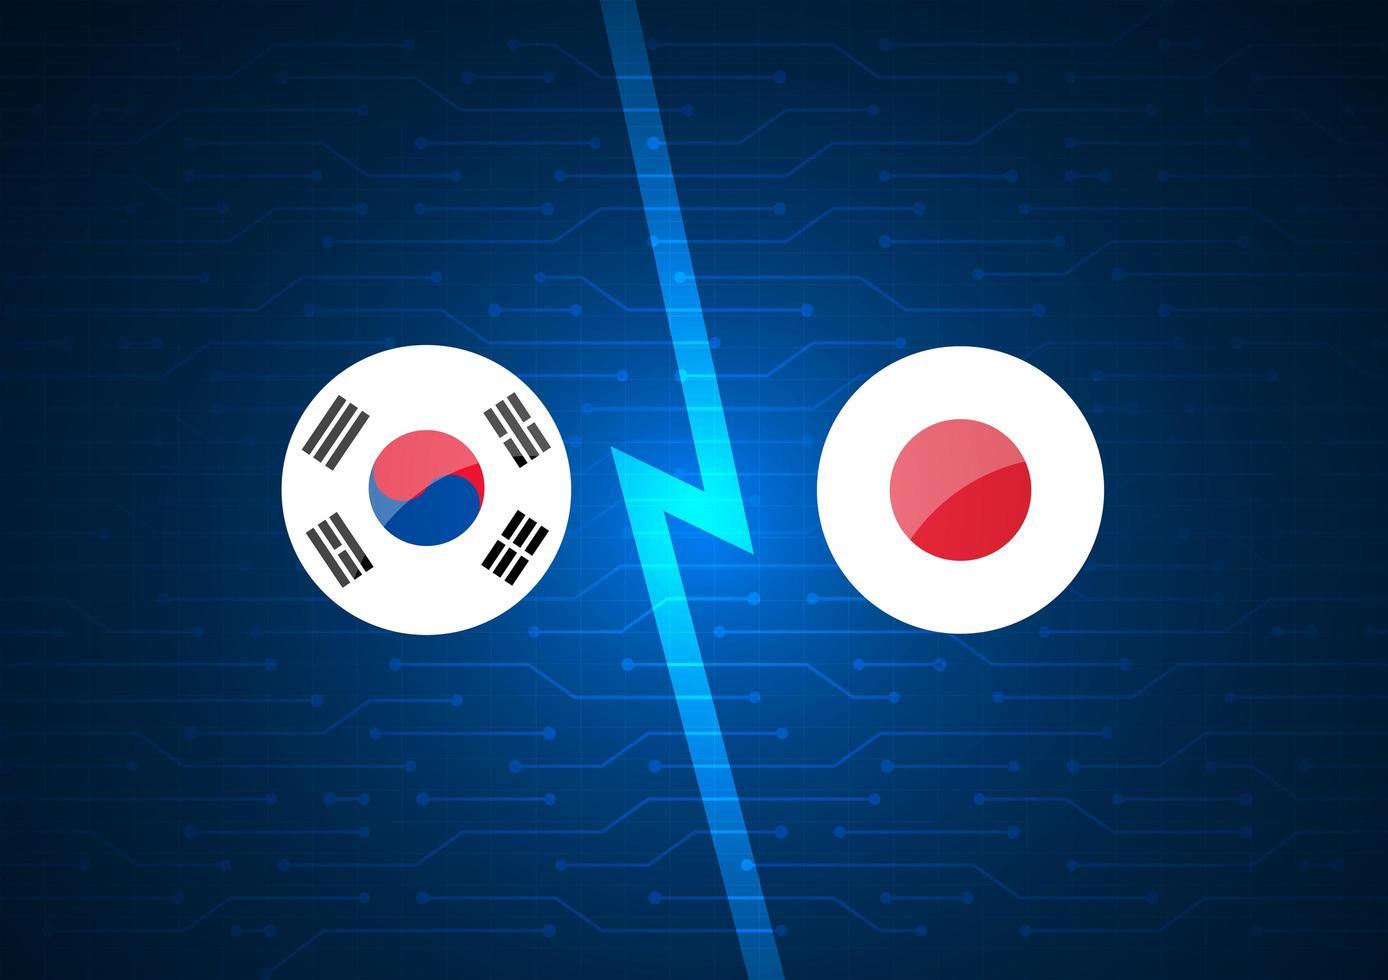 Koreaanse en Japanse vlaggen op gloeiende circuit achtergrond vector